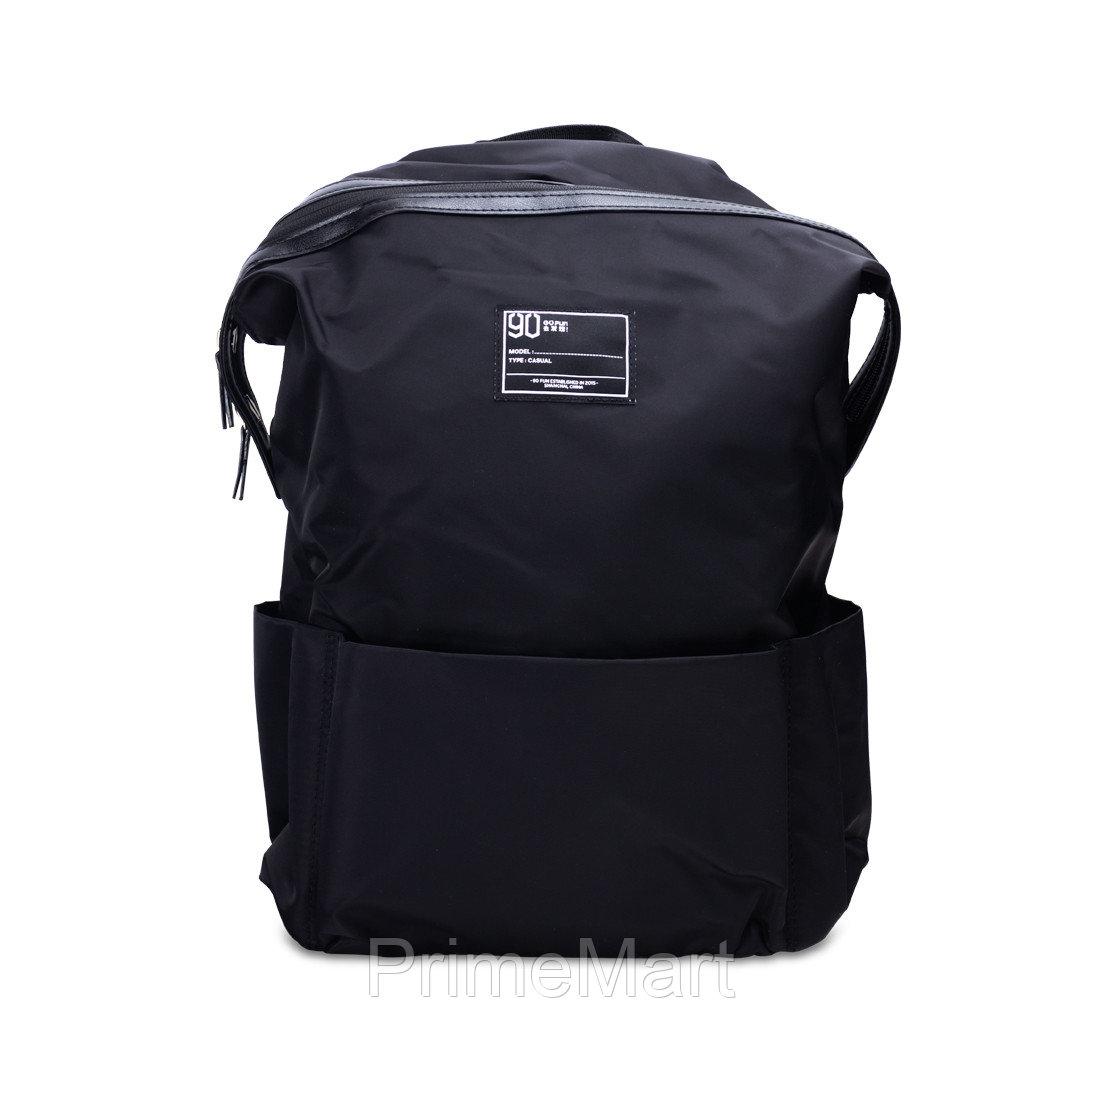 Xiaomi Рюкзак, Водозащищенная, Нейлон, 90 Points, Leisure Backpack, Черный